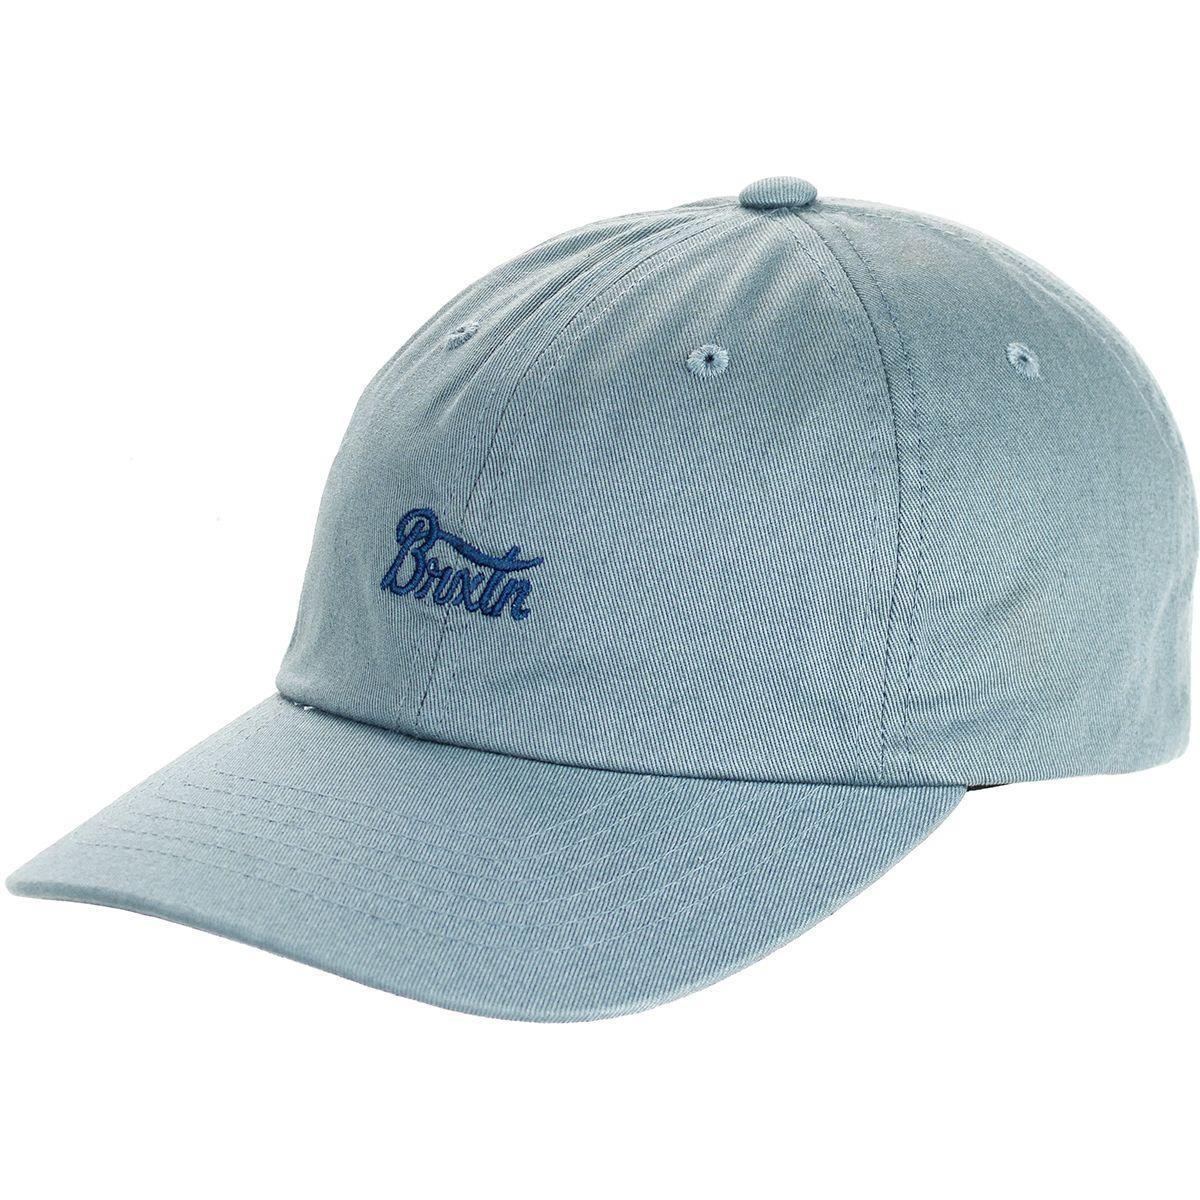 903445d0a09 Lyst - Brixton Potrero Cap in Blue for Men